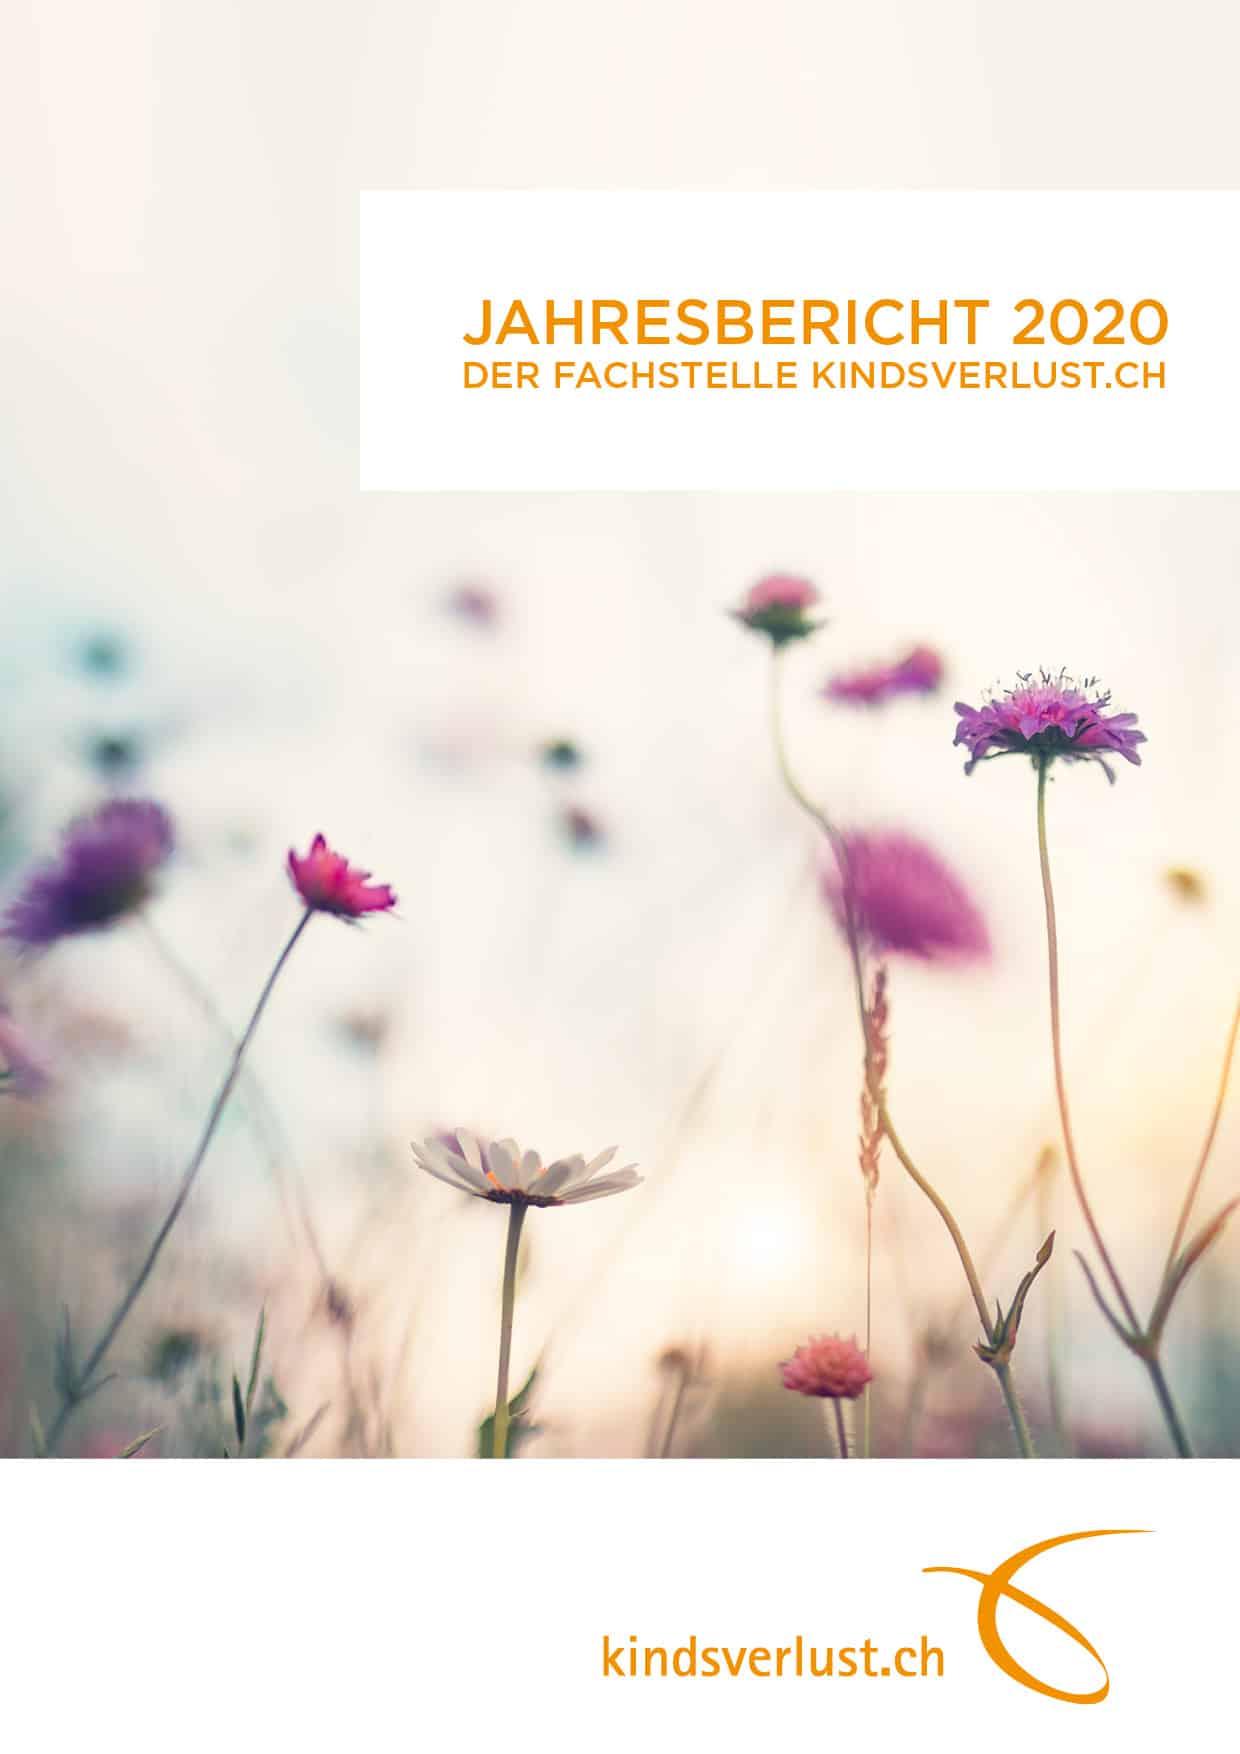 Unser Jahresbericht 2020 Ist Da!